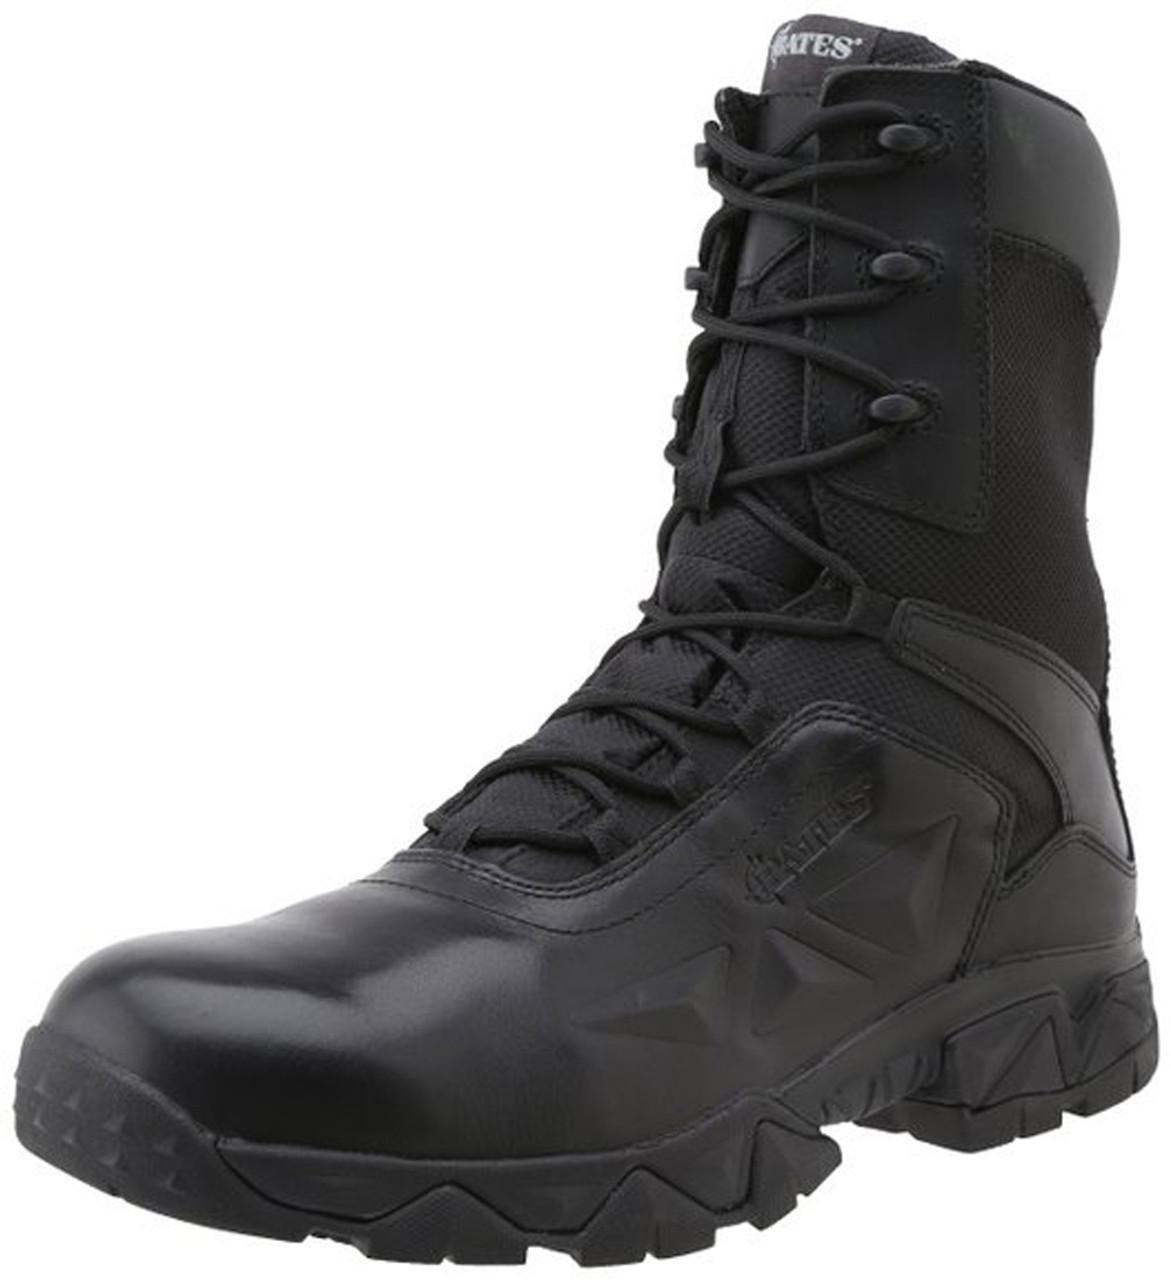 a3f82de5b17 Bates 2349-B Men's Delta Nitro-8 Zip Work Boot